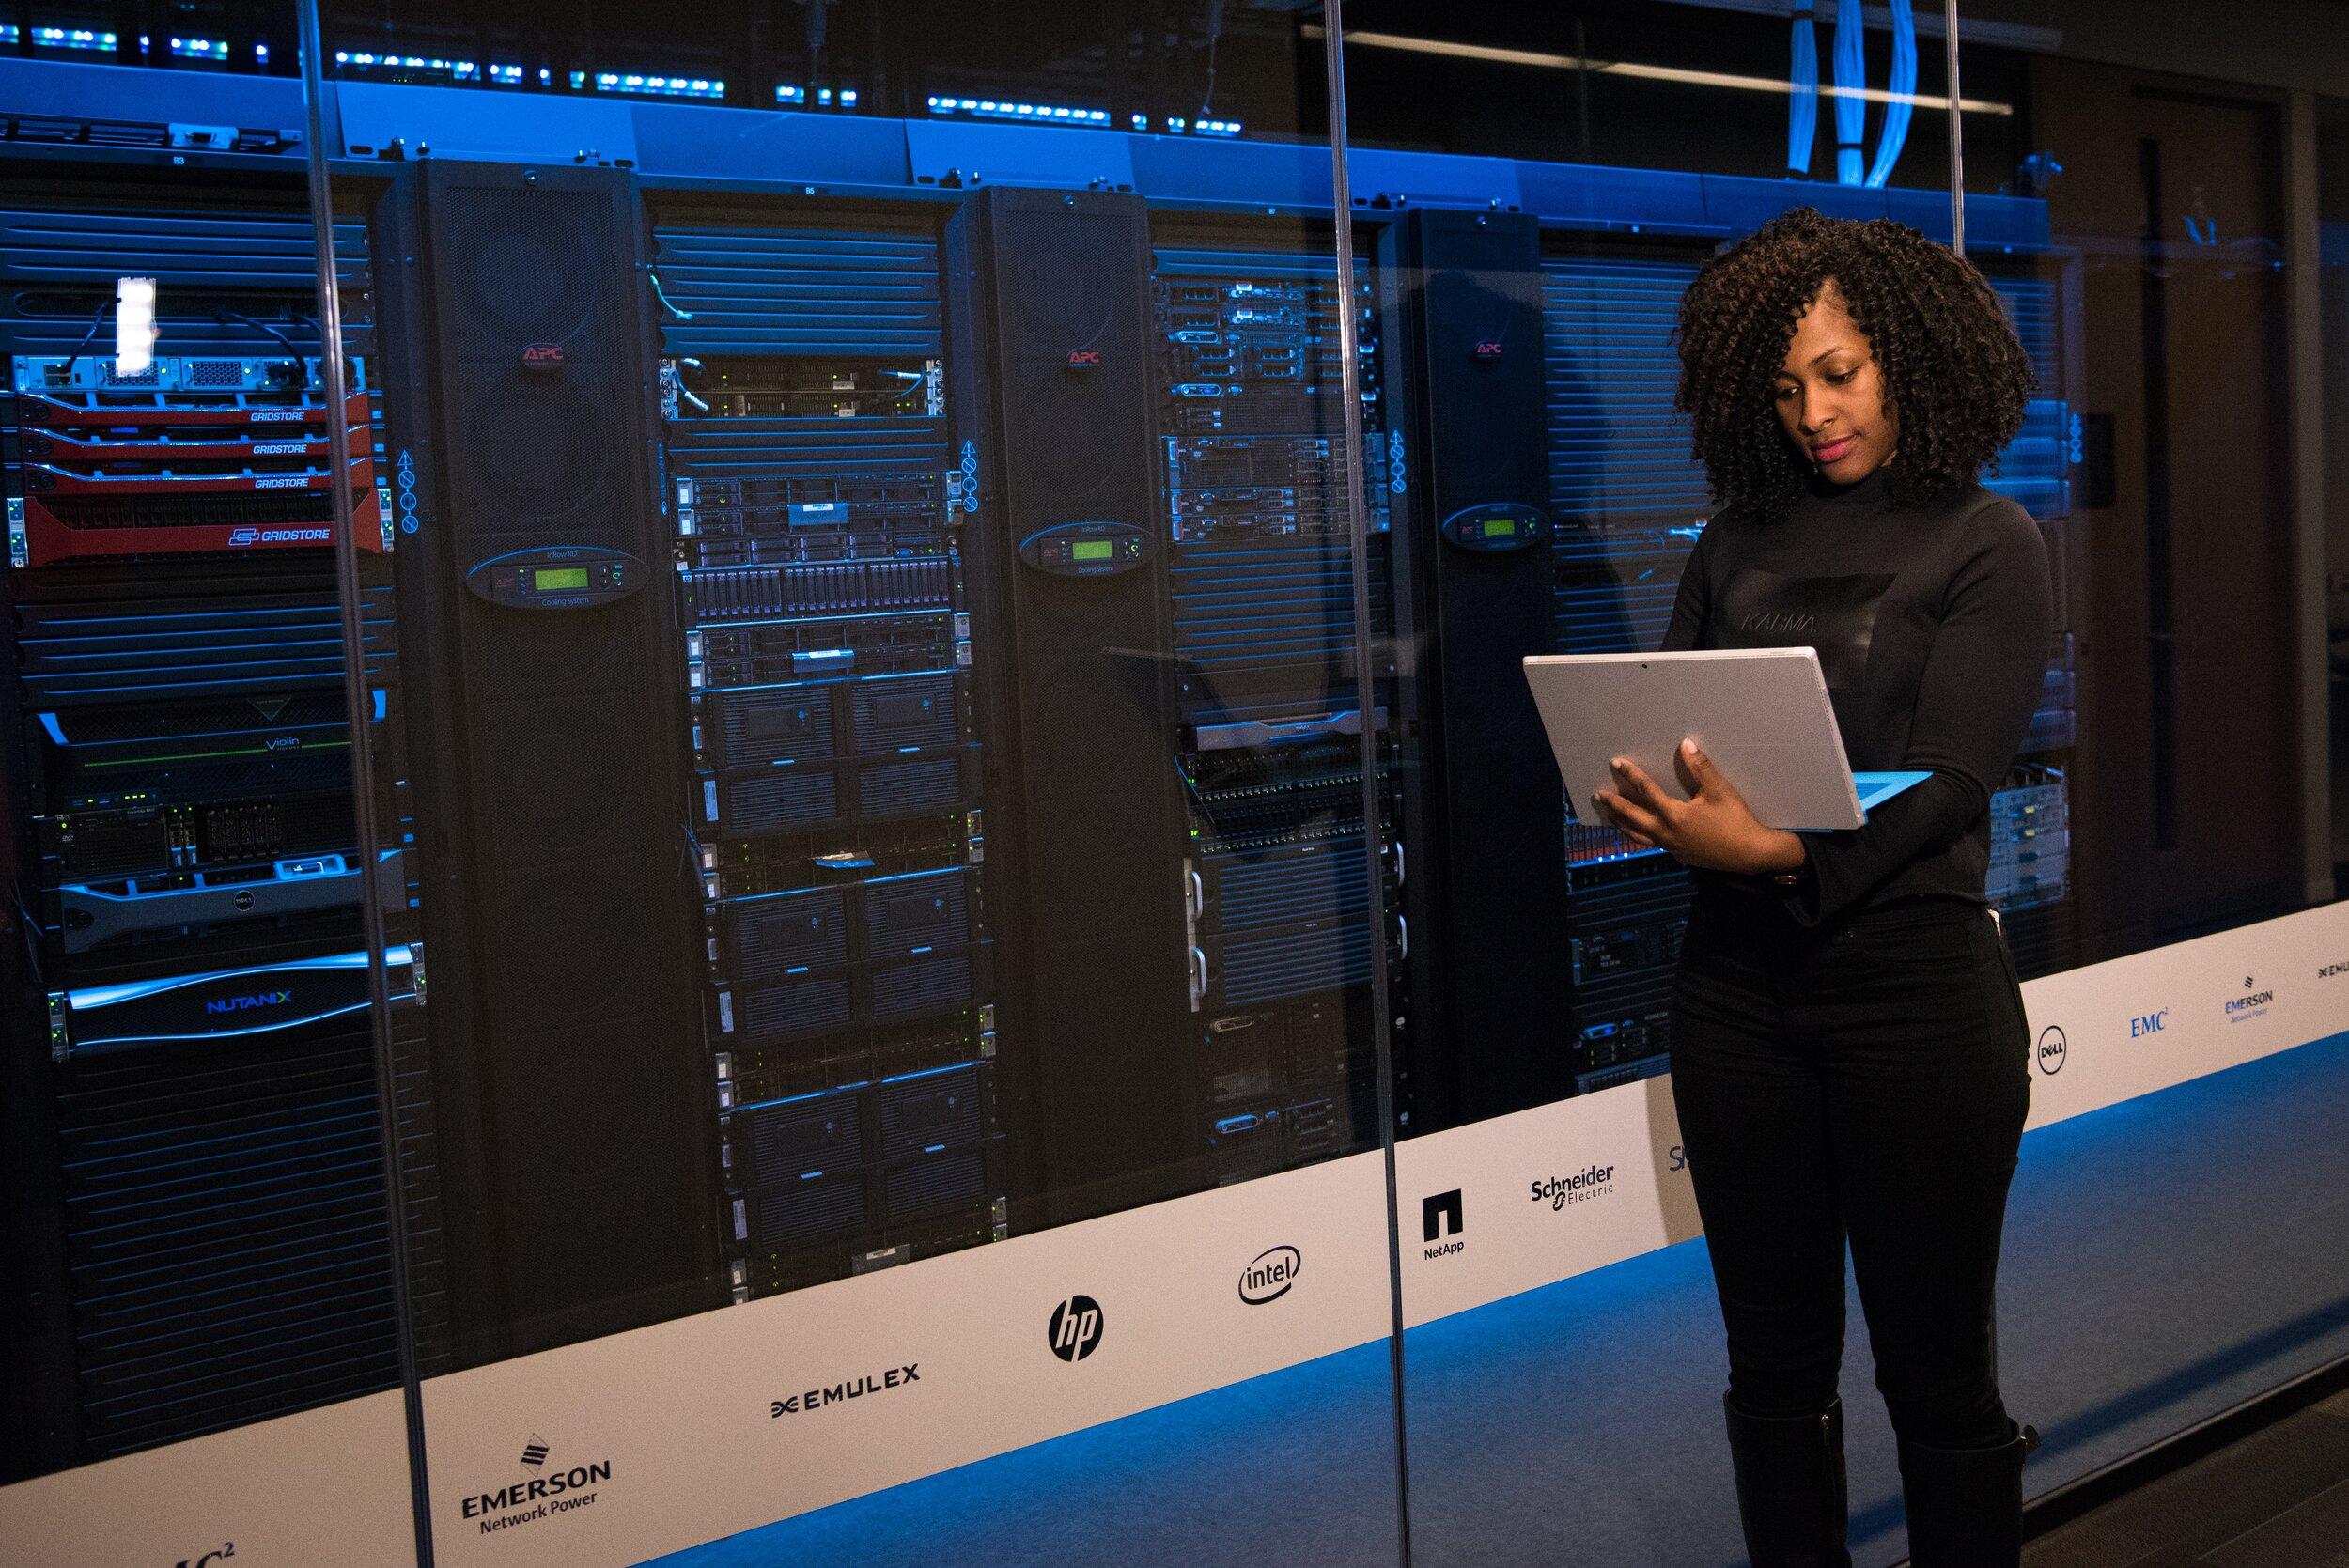 IT Career Skills Series: Network Engineer